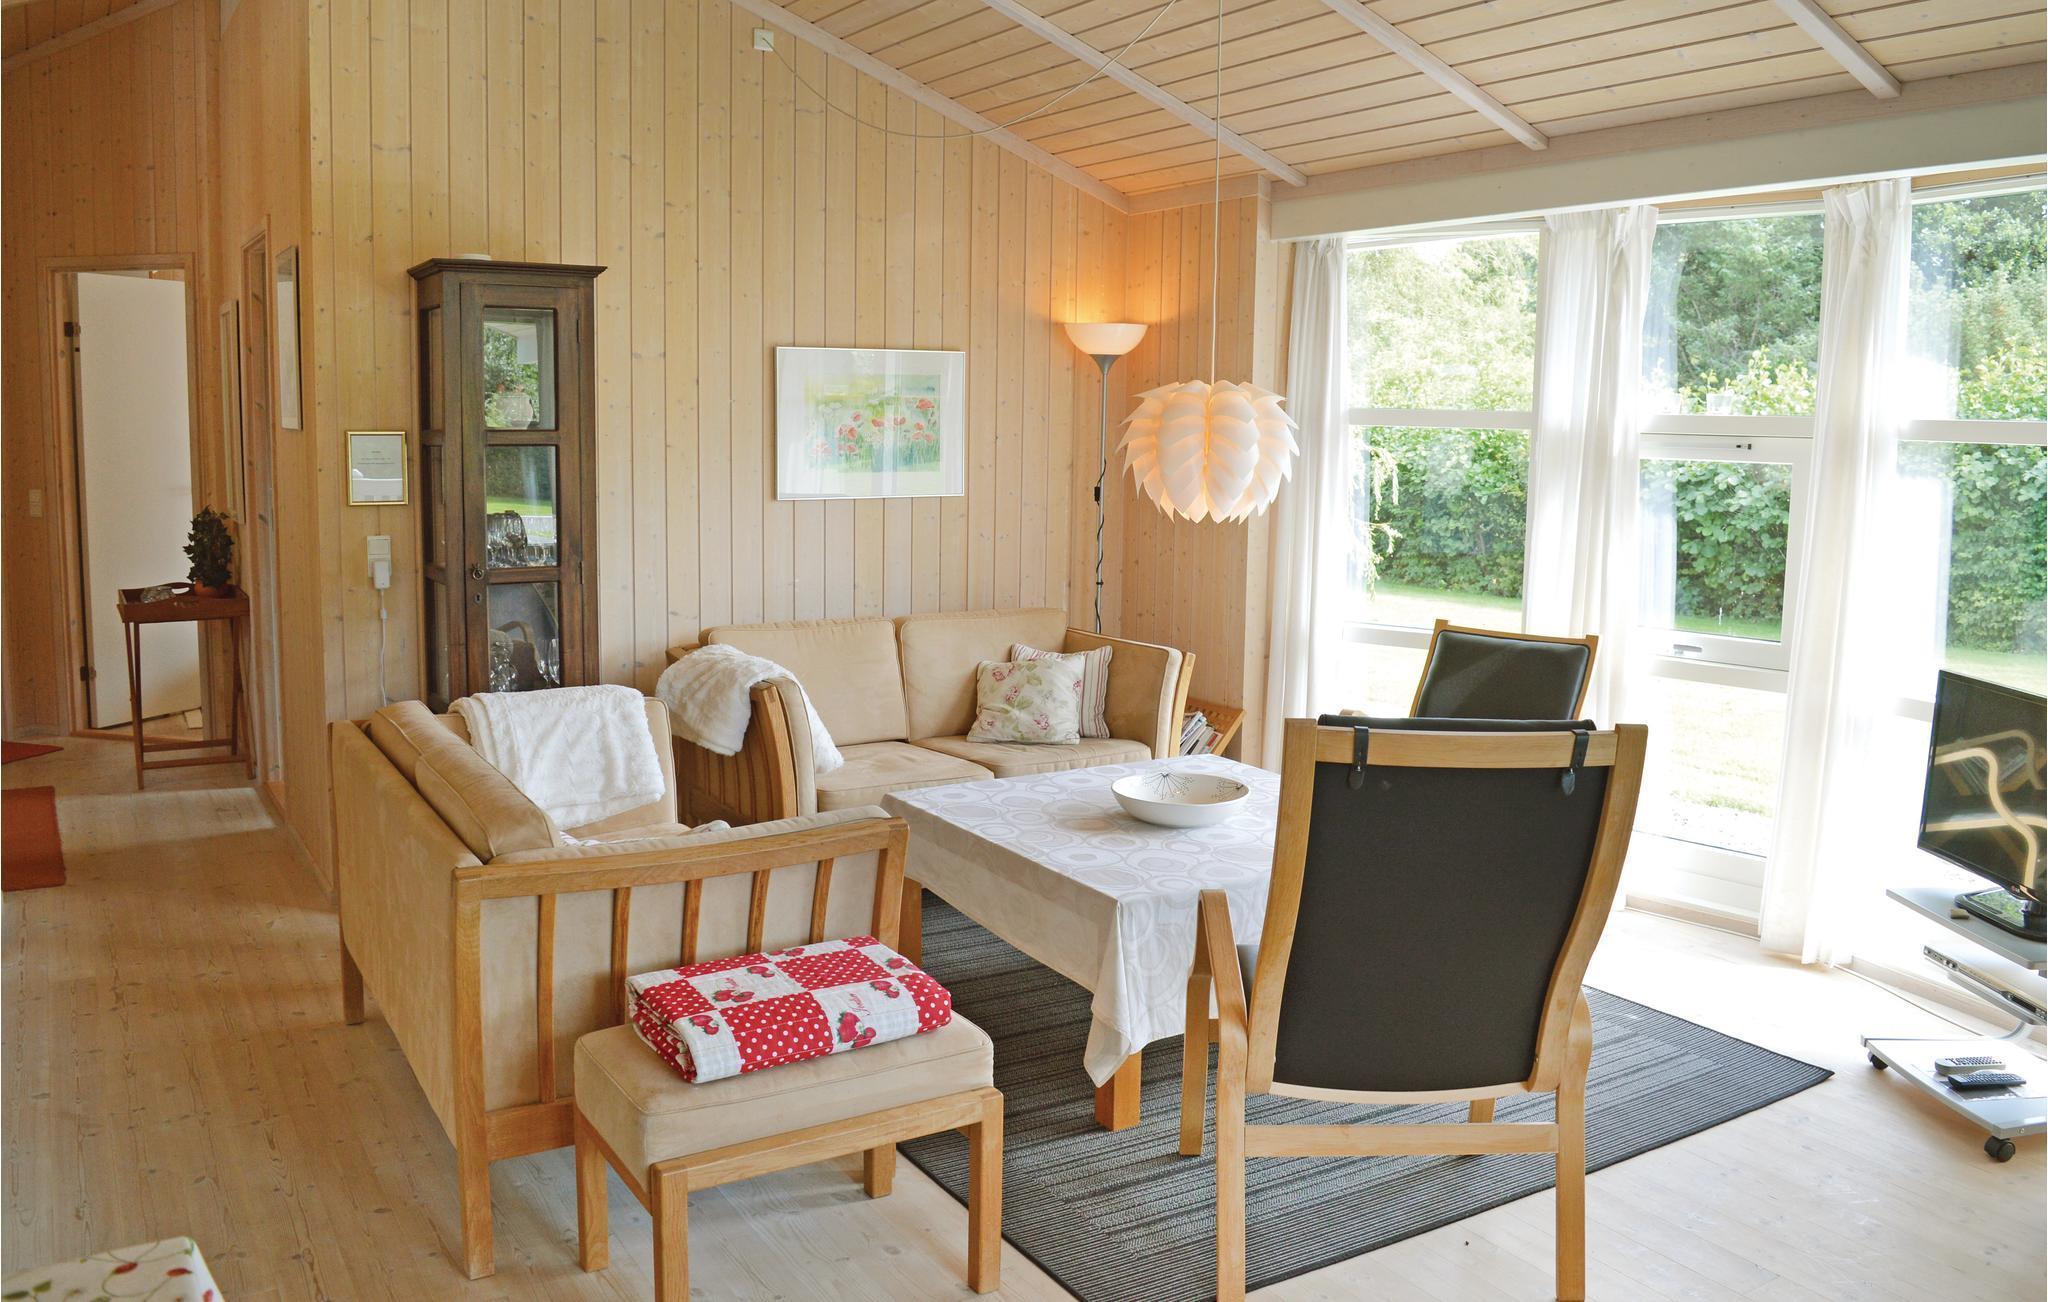 Familie-Ferienhaus Hollöselund Strand - Wählen Sie unter 87 ...